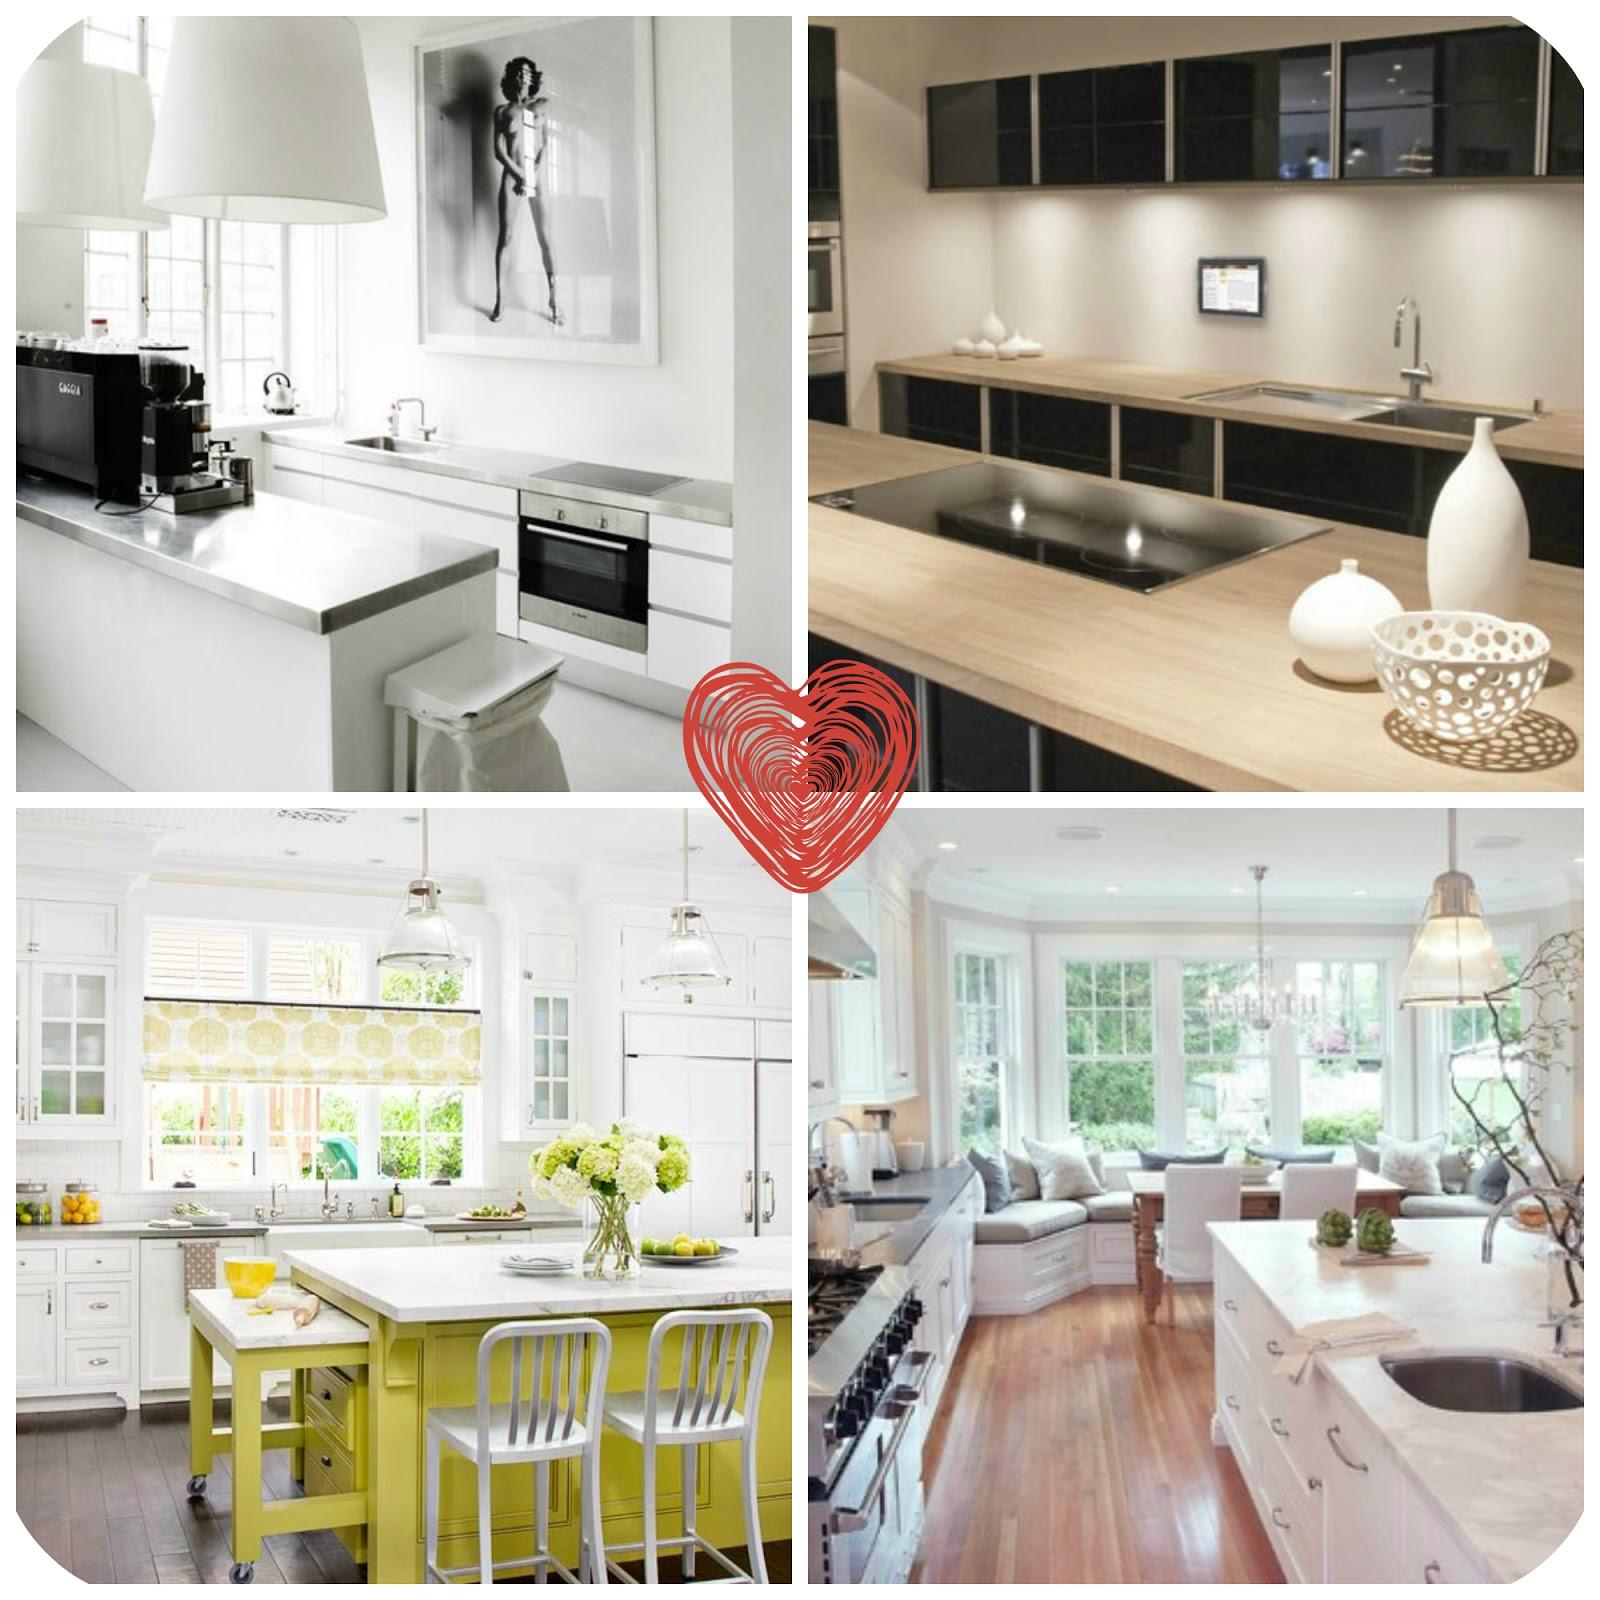 tu seras la plus belle bree van de kamp challenge semaine 8 petit tour dans la cuisine. Black Bedroom Furniture Sets. Home Design Ideas